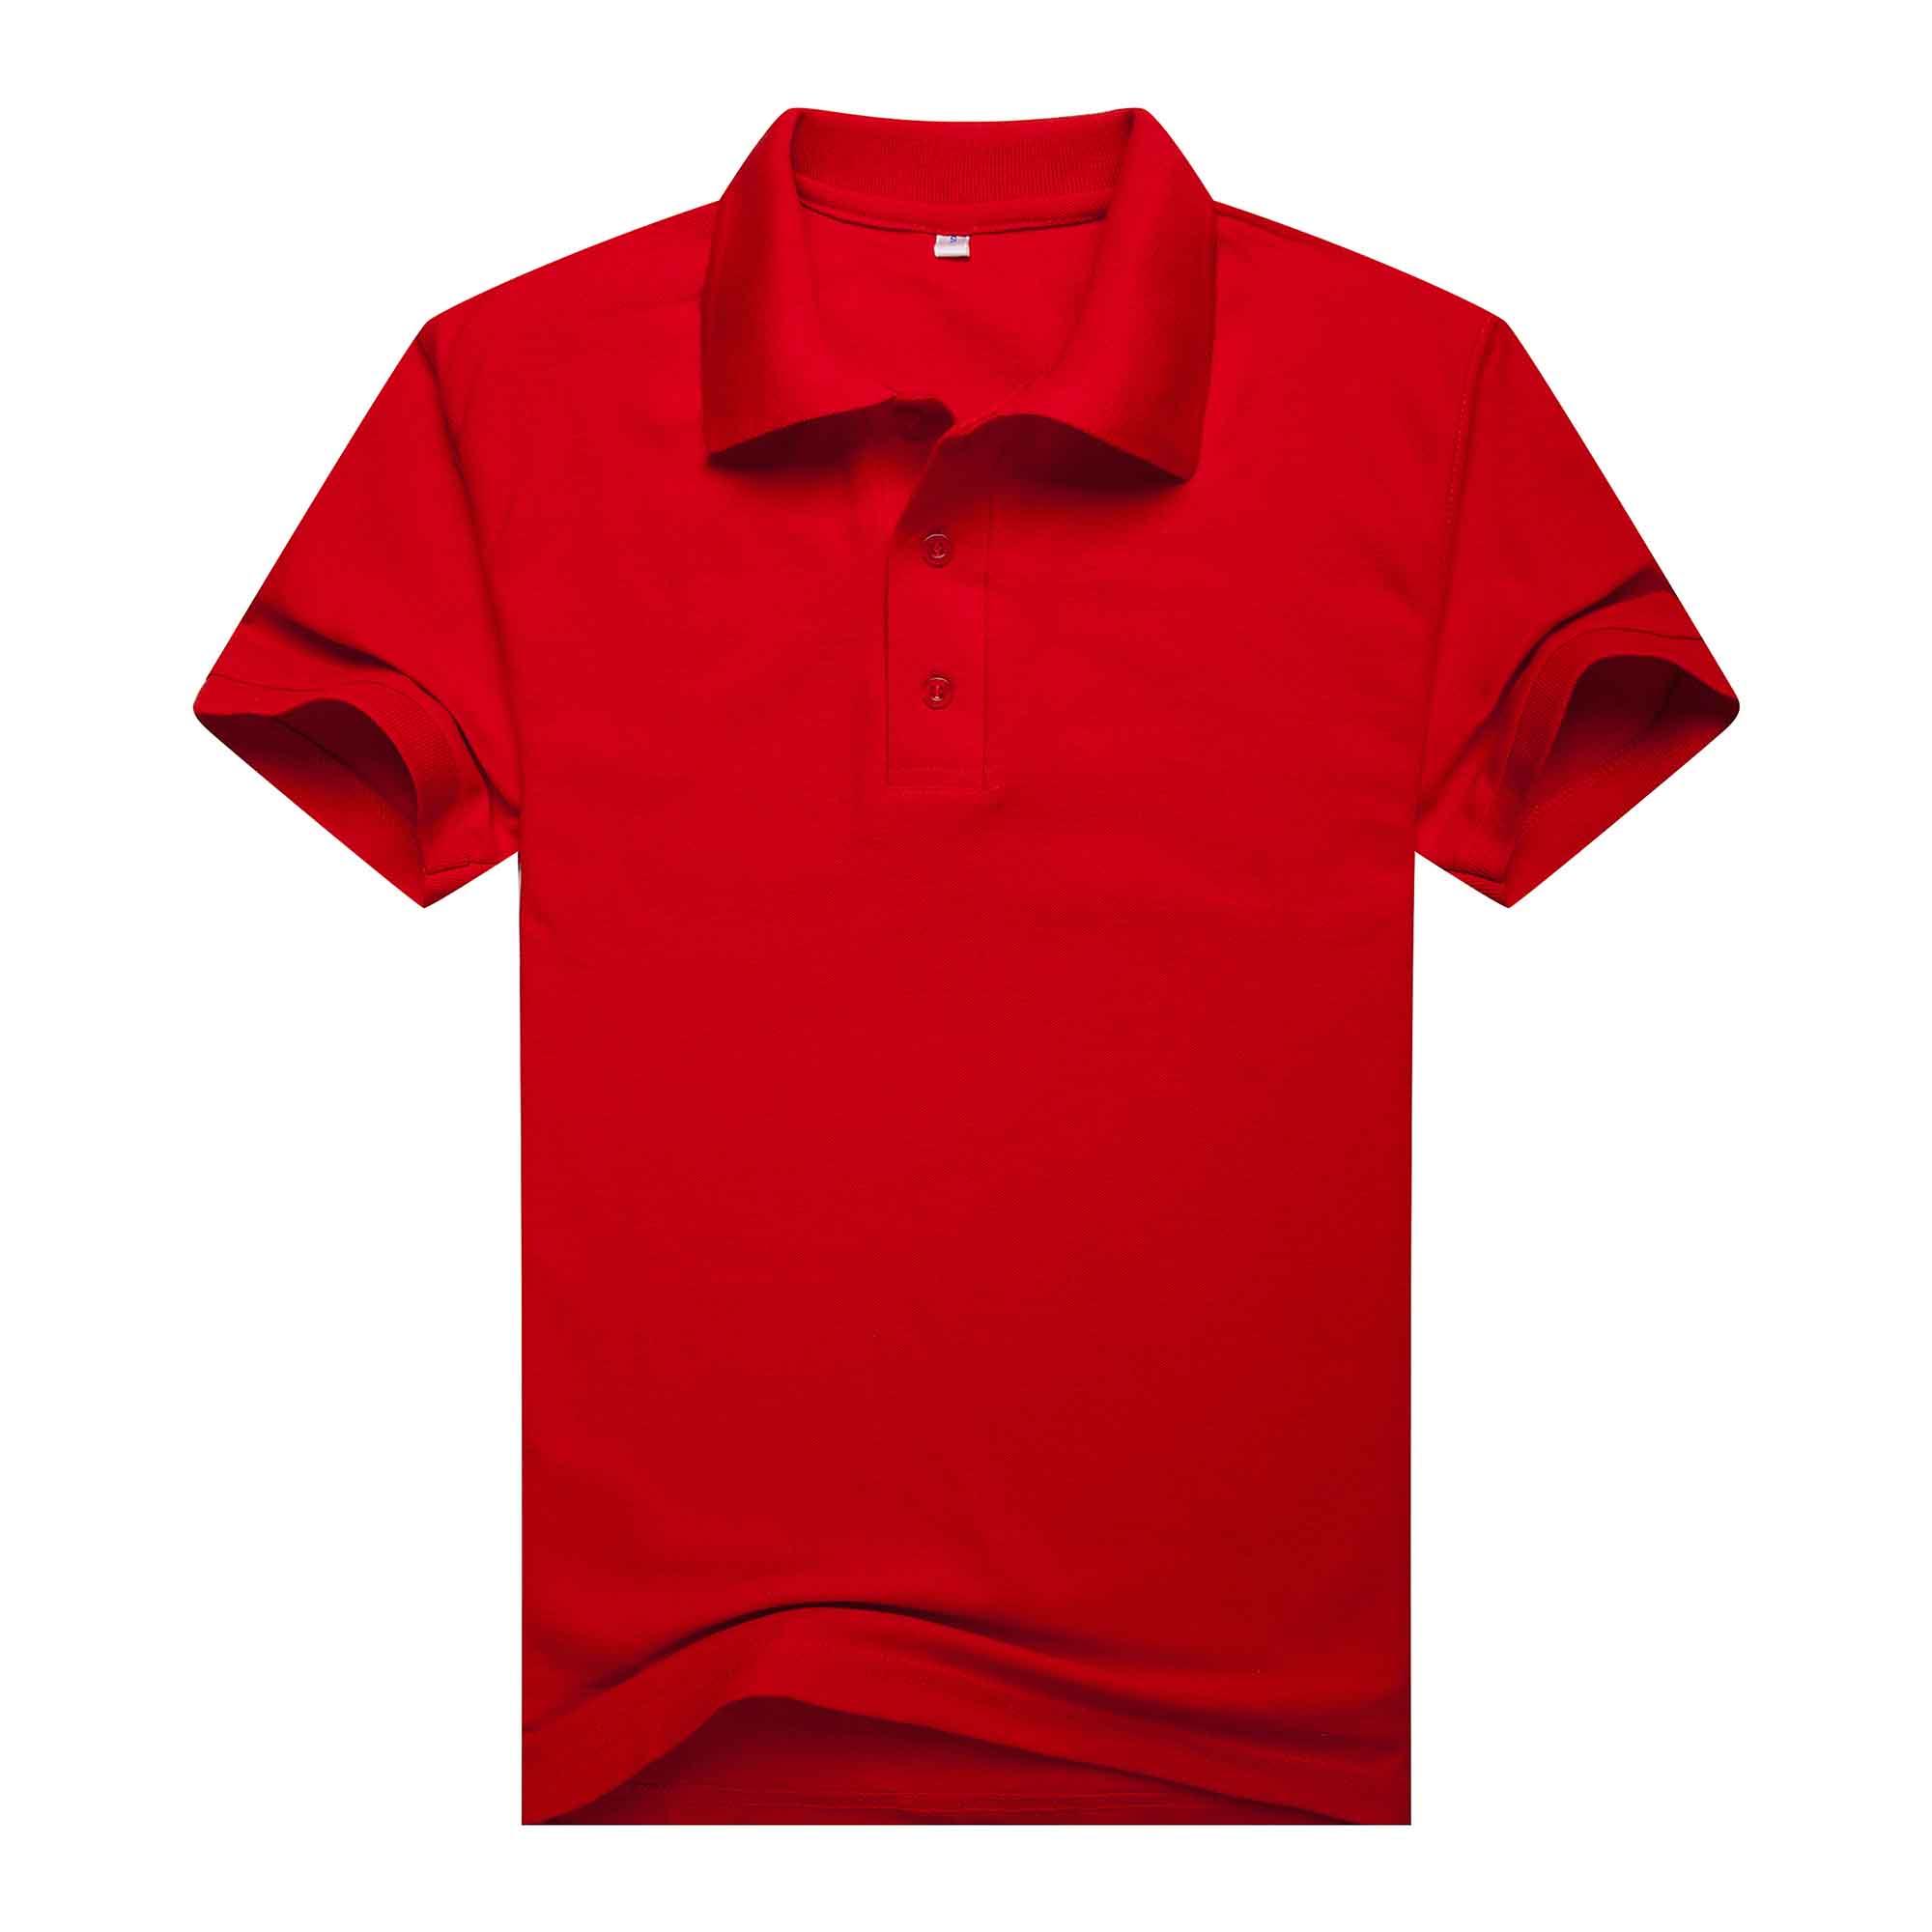 Цвет: Красный цвет (с коротким рукавом)